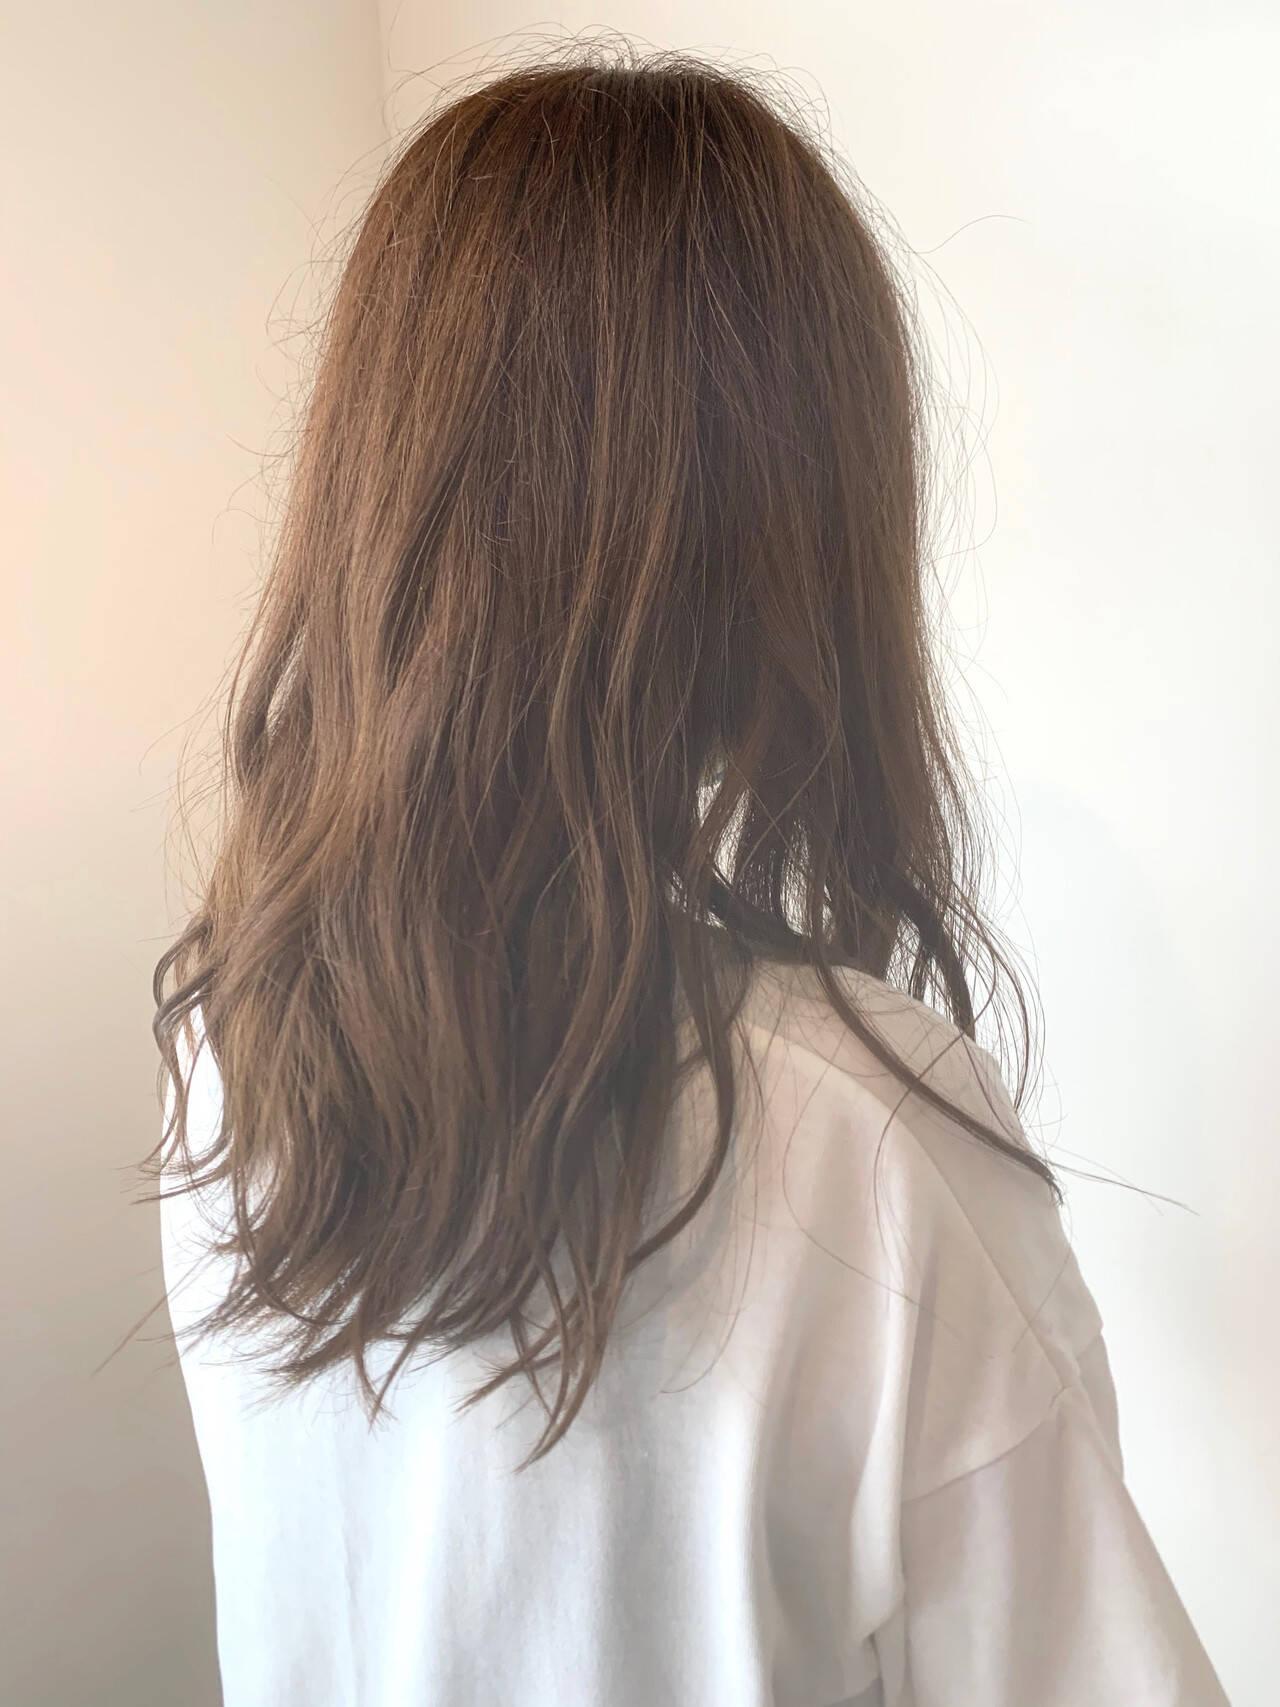 ガーリー オリーブベージュ ミディアム カーキアッシュヘアスタイルや髪型の写真・画像